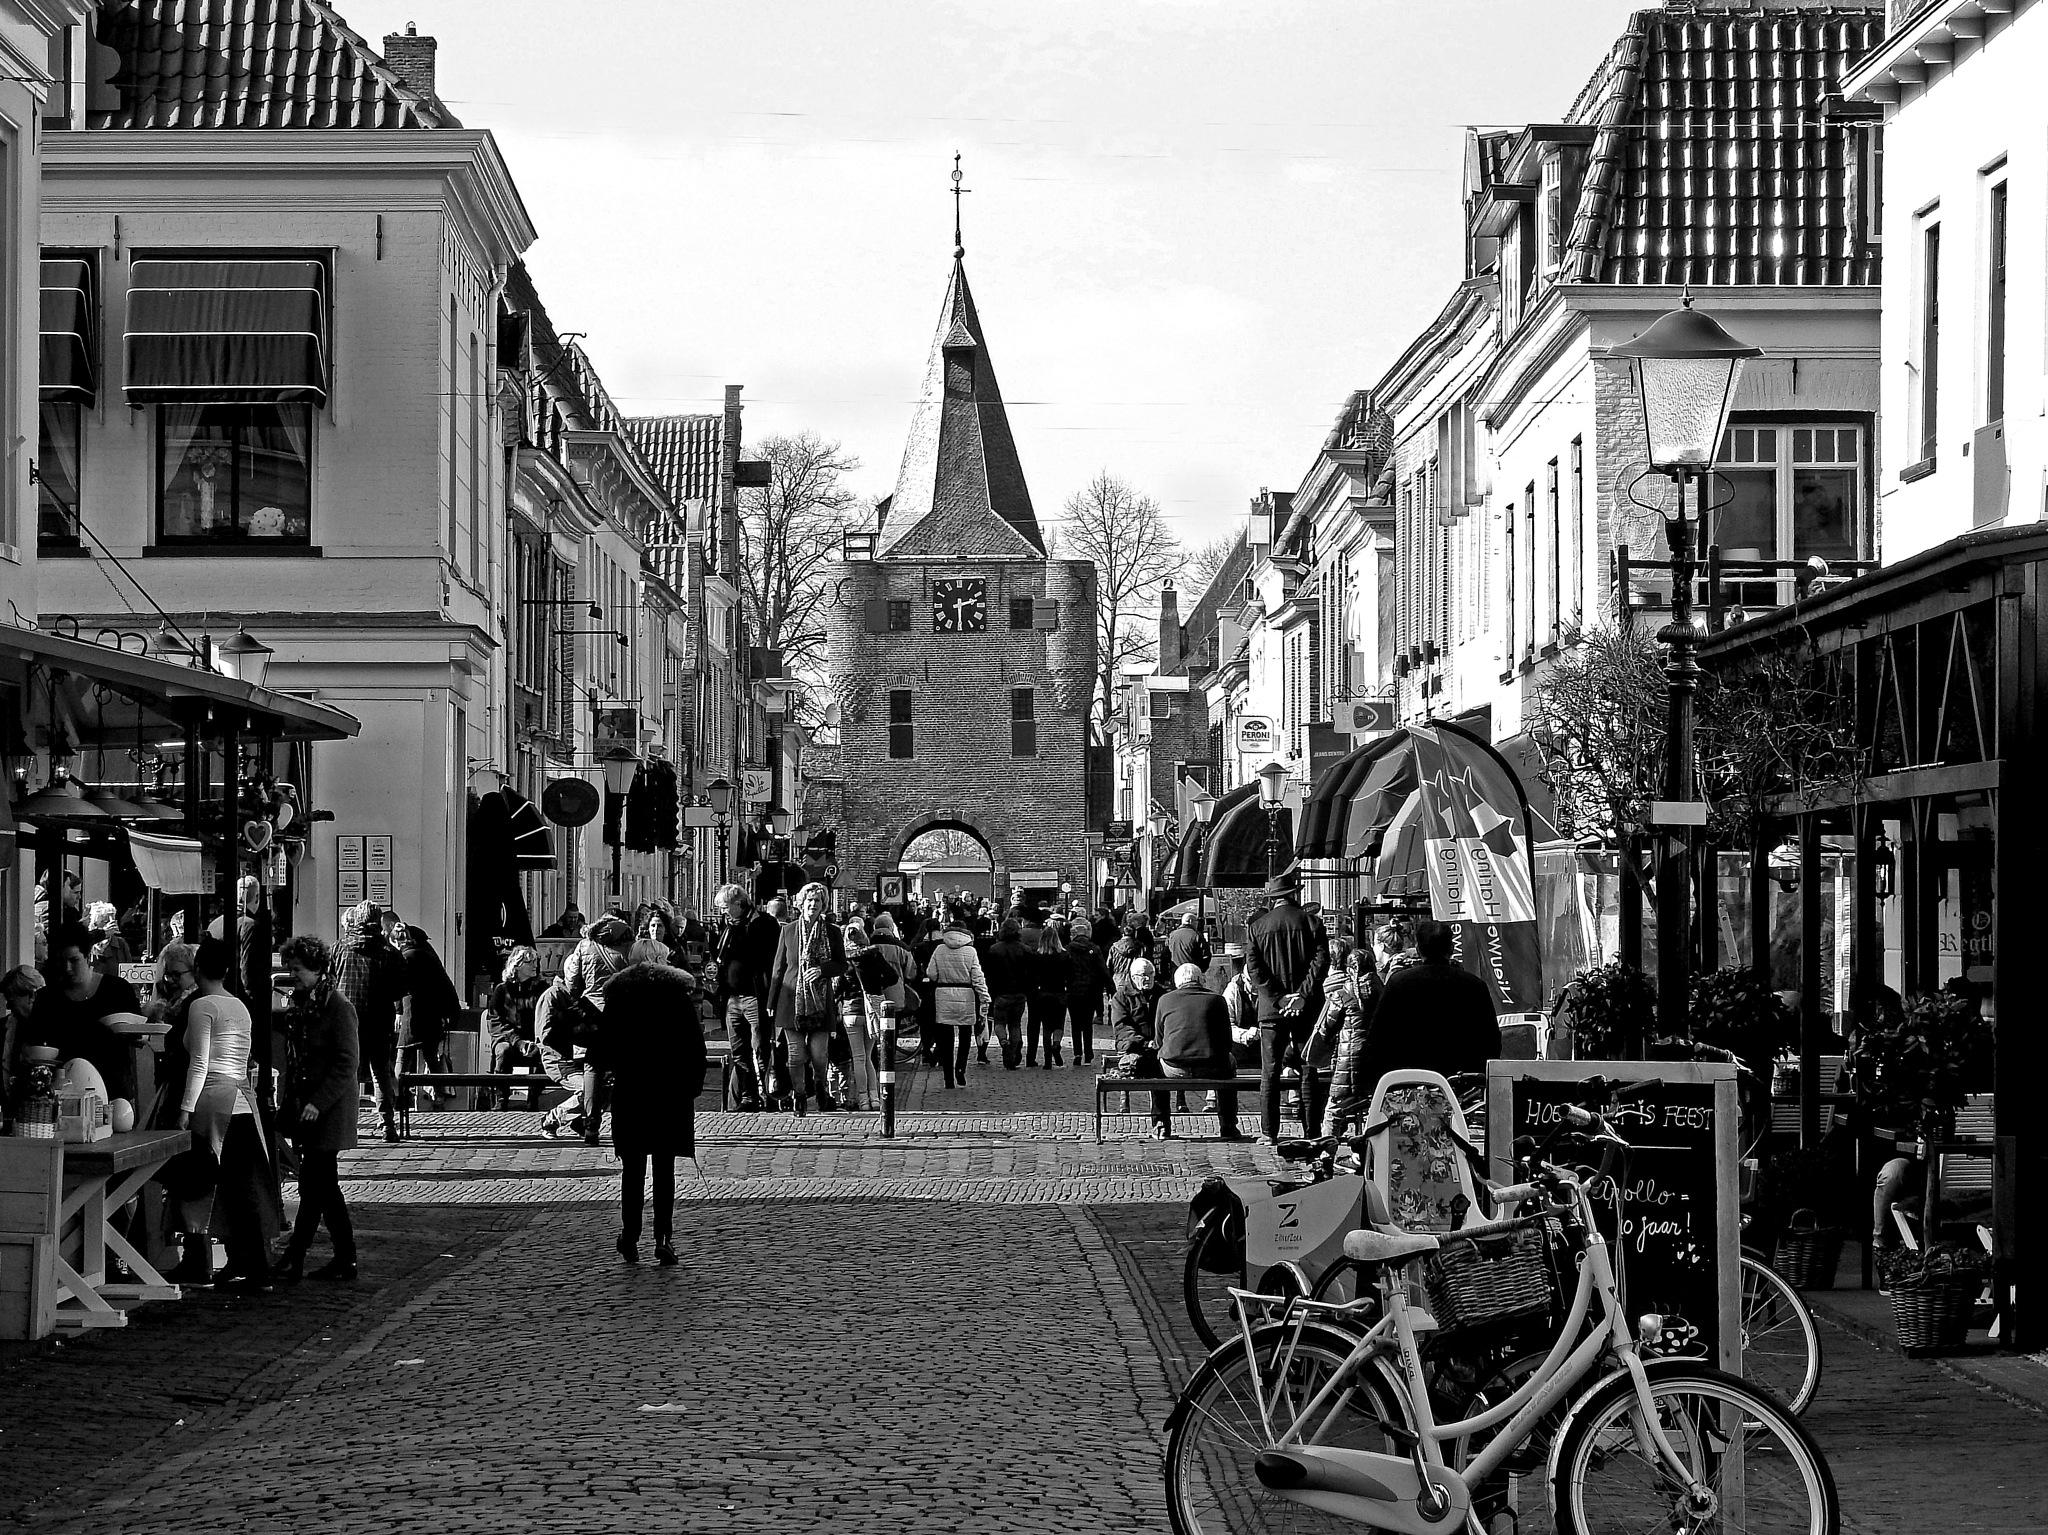 Elburg-Holland in b&w by Bob66